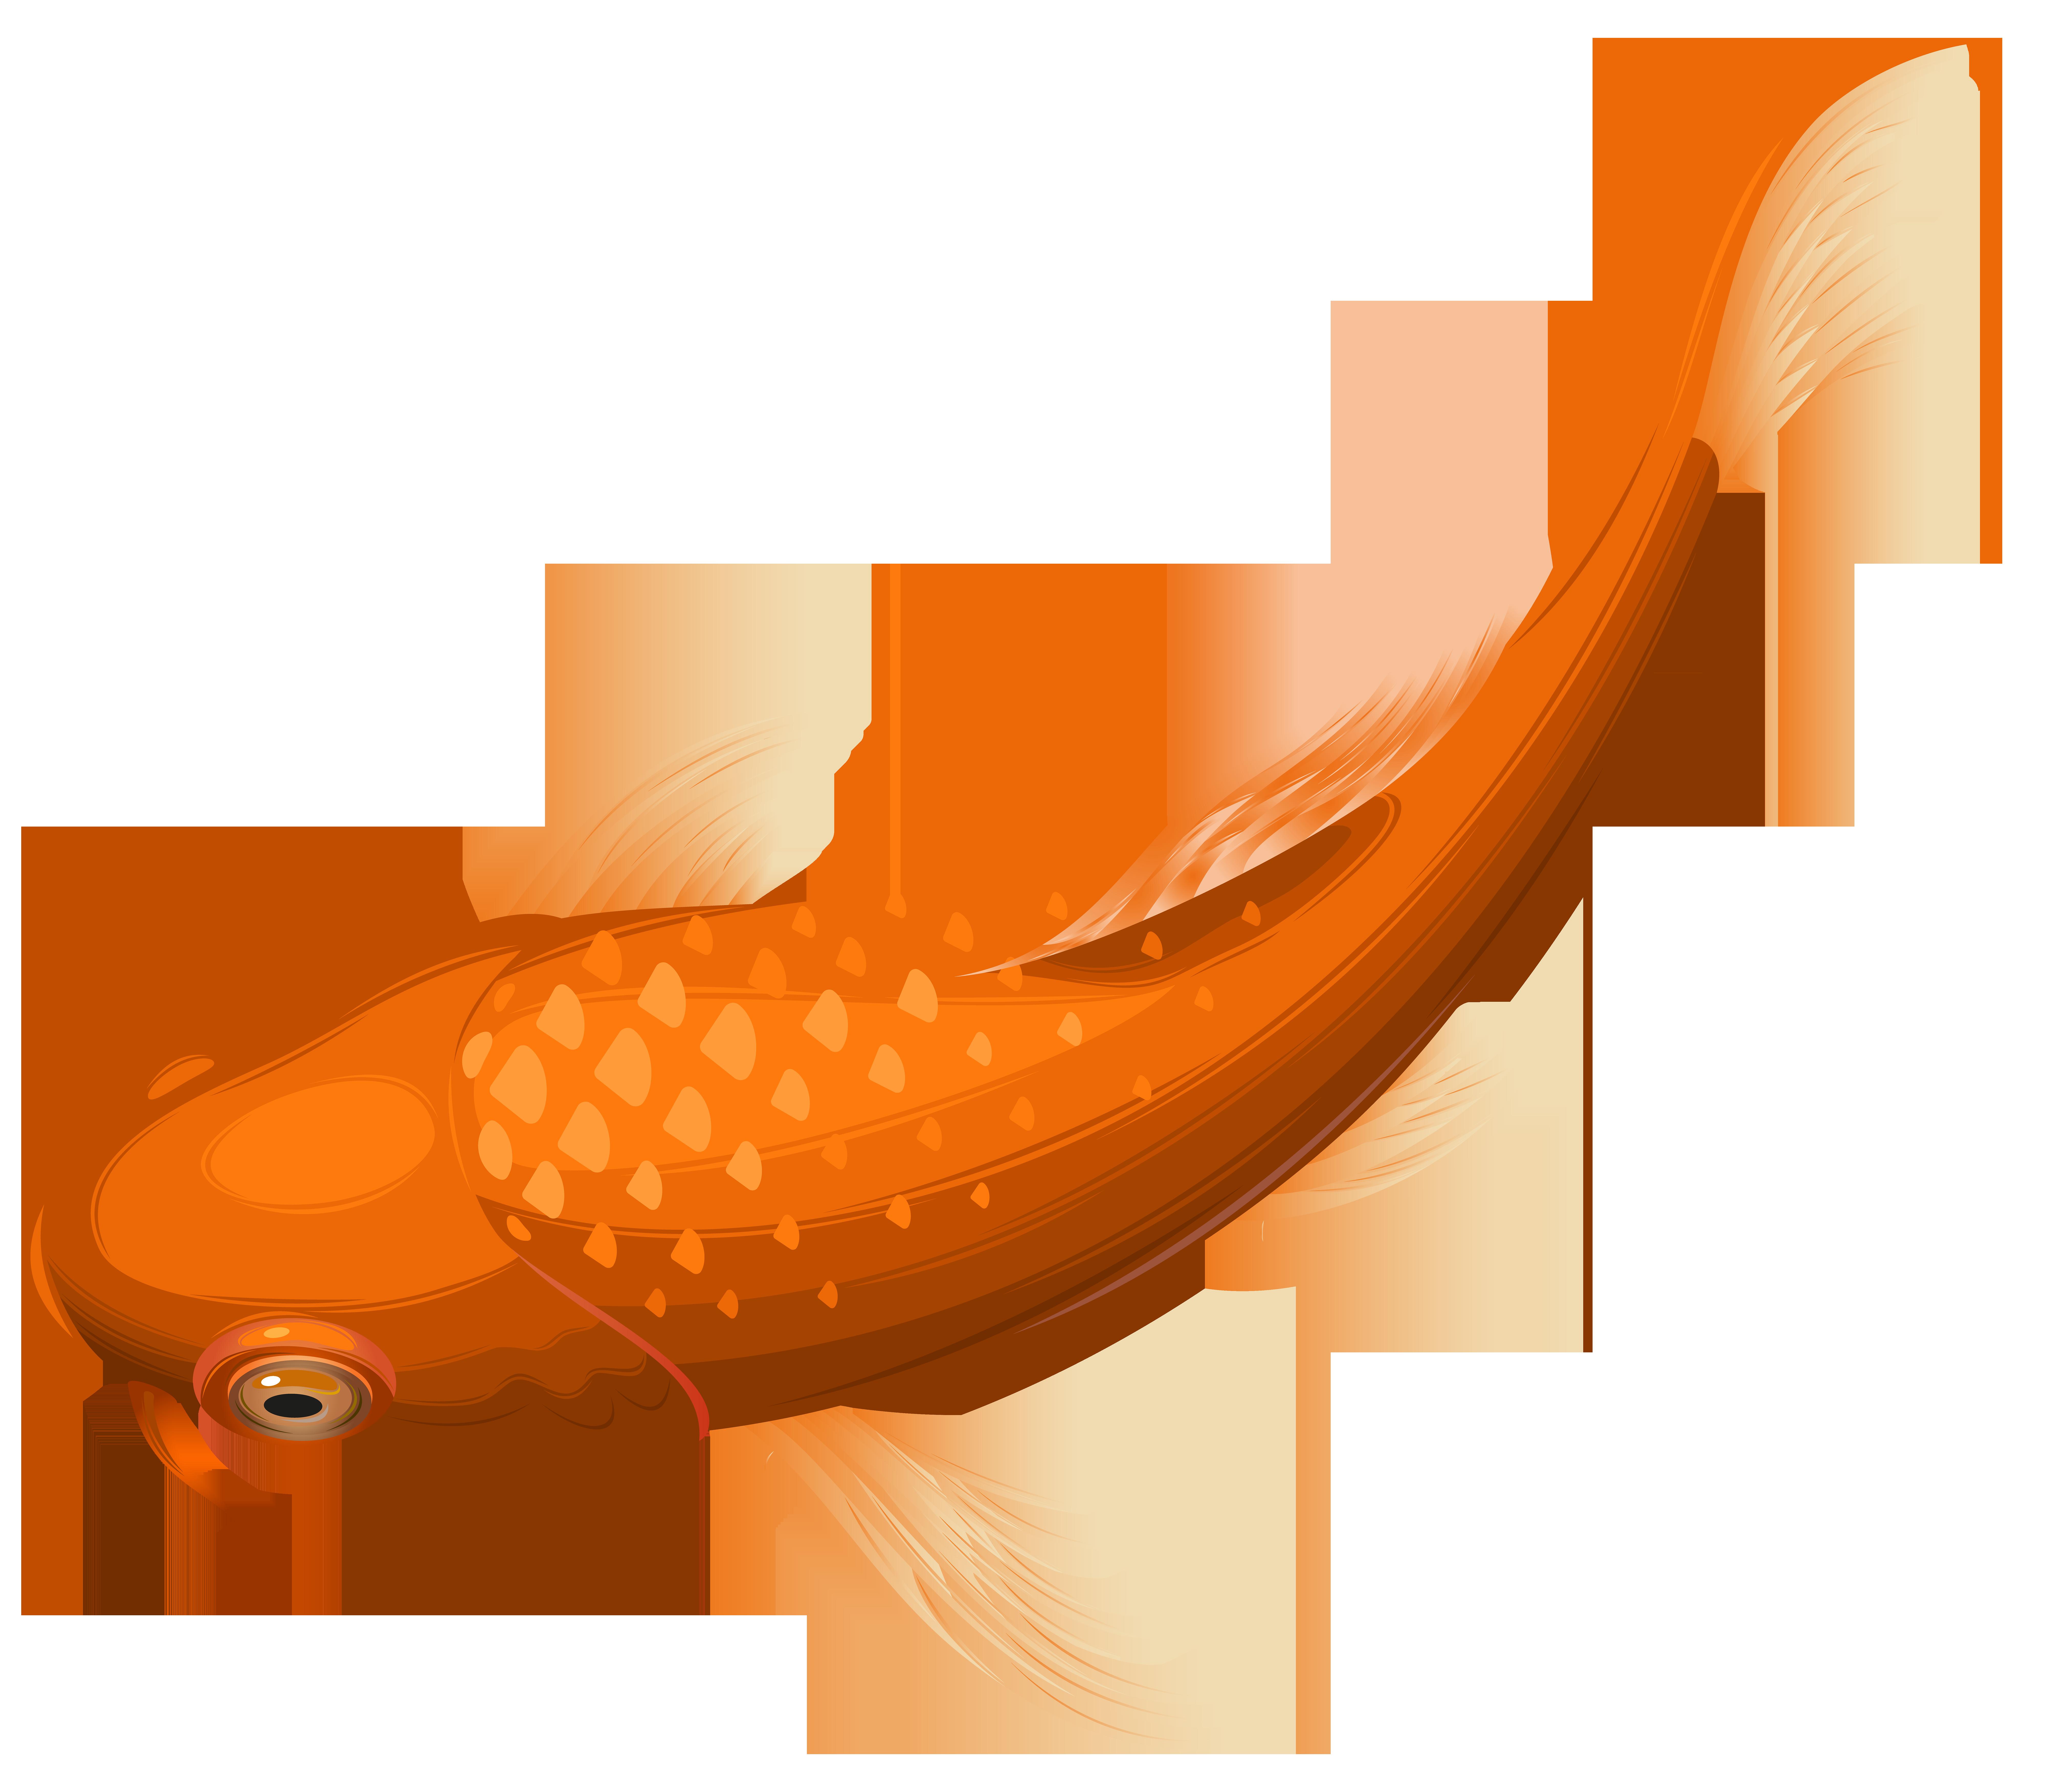 Koi Fish clipart #2, Download drawings